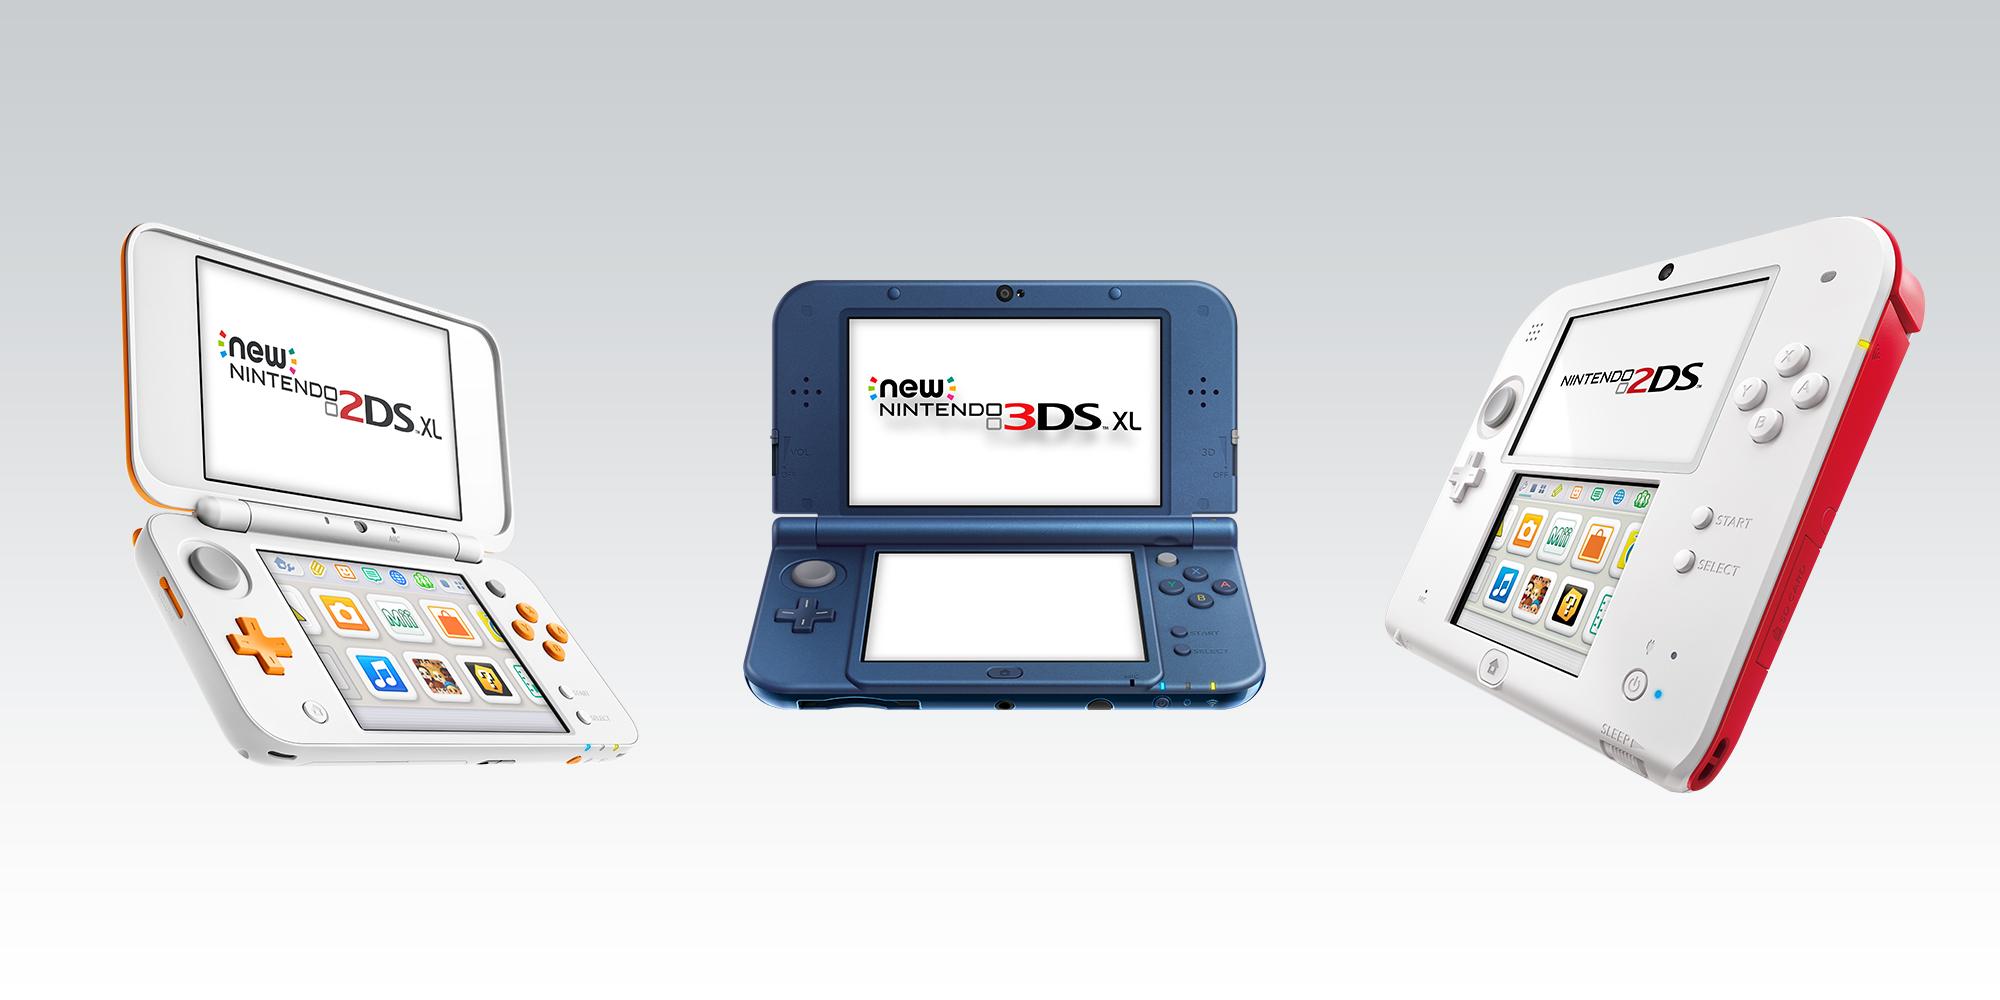 Nintendo 3DS Online все еще будет поддерживаться